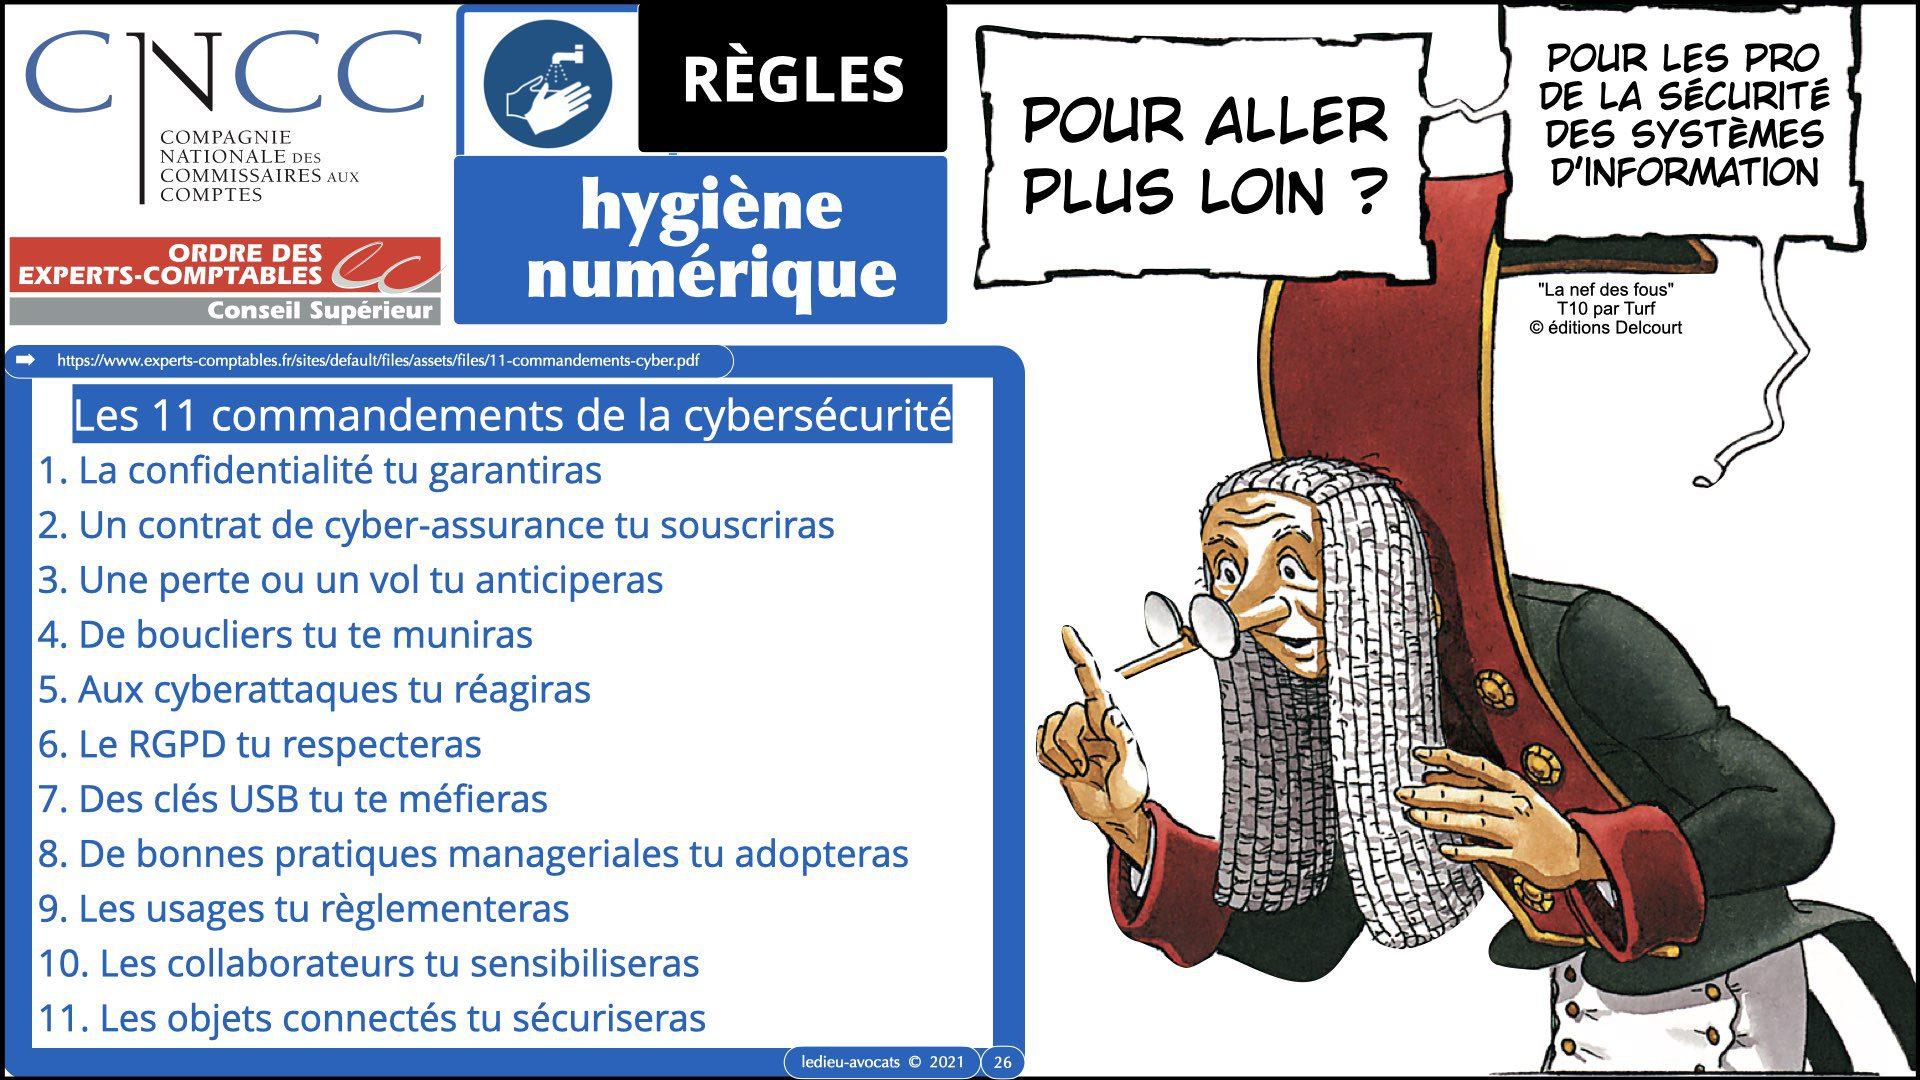 345 10 commandements hygiène numérique © Ledieu-Avocats technique droit numérique 07-09-2021.026